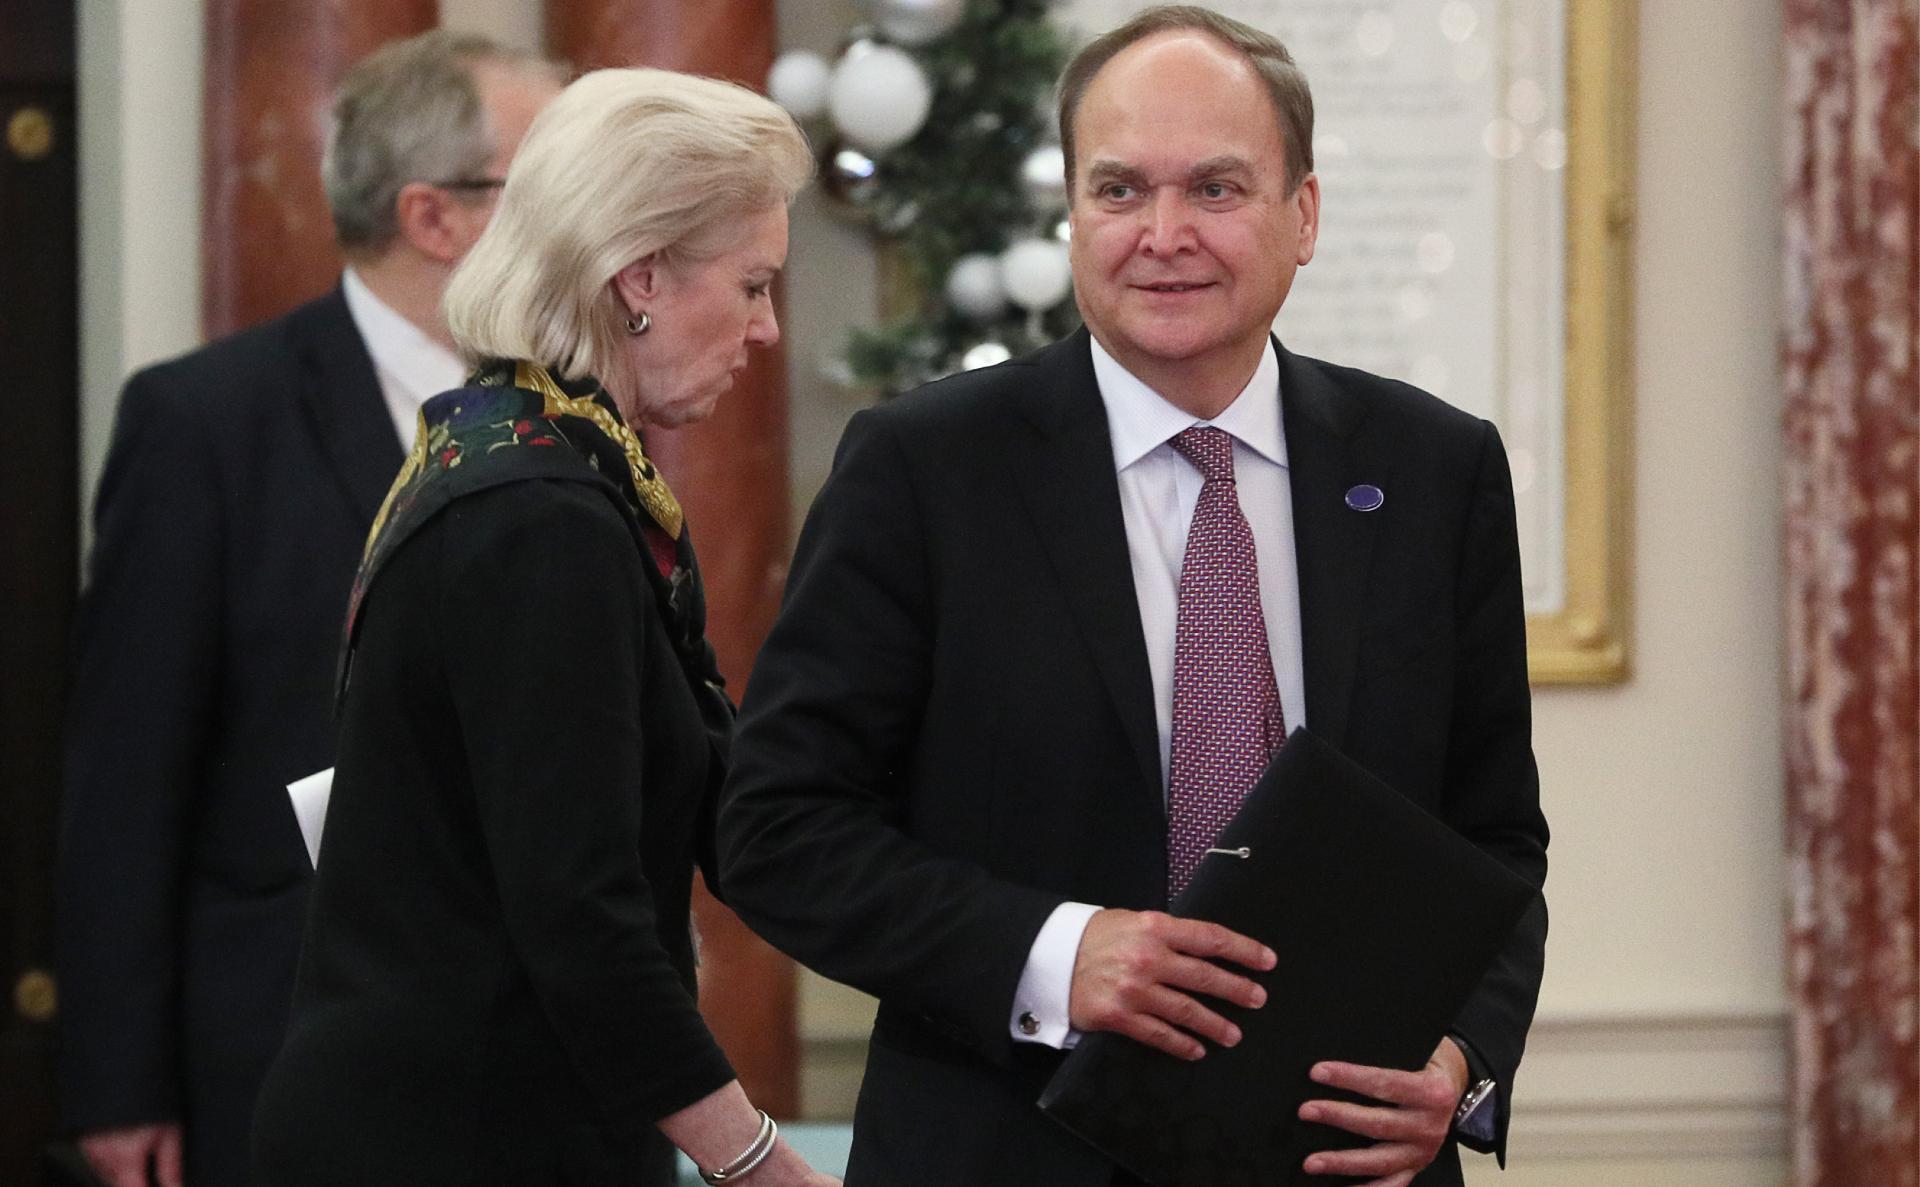 Посол России заявил о попытке США санкциями отвлечь внимание от проблем